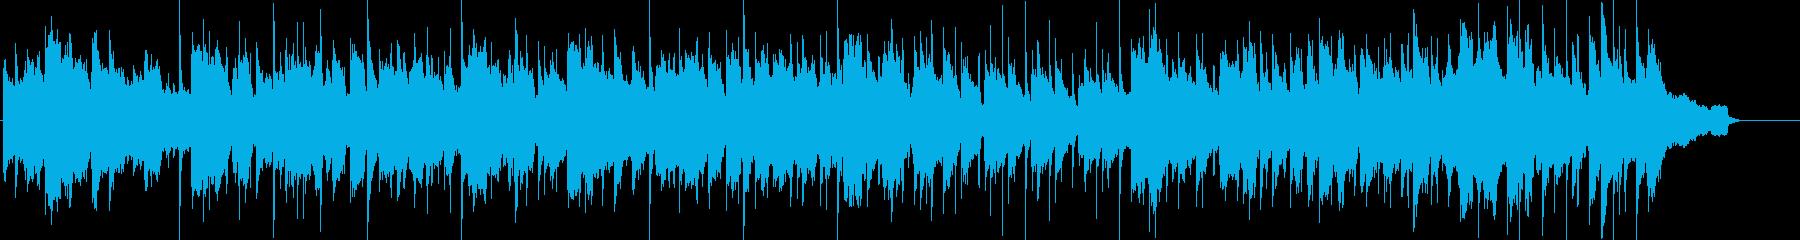 休日をのんびりと過ごすイメージのBGMの再生済みの波形